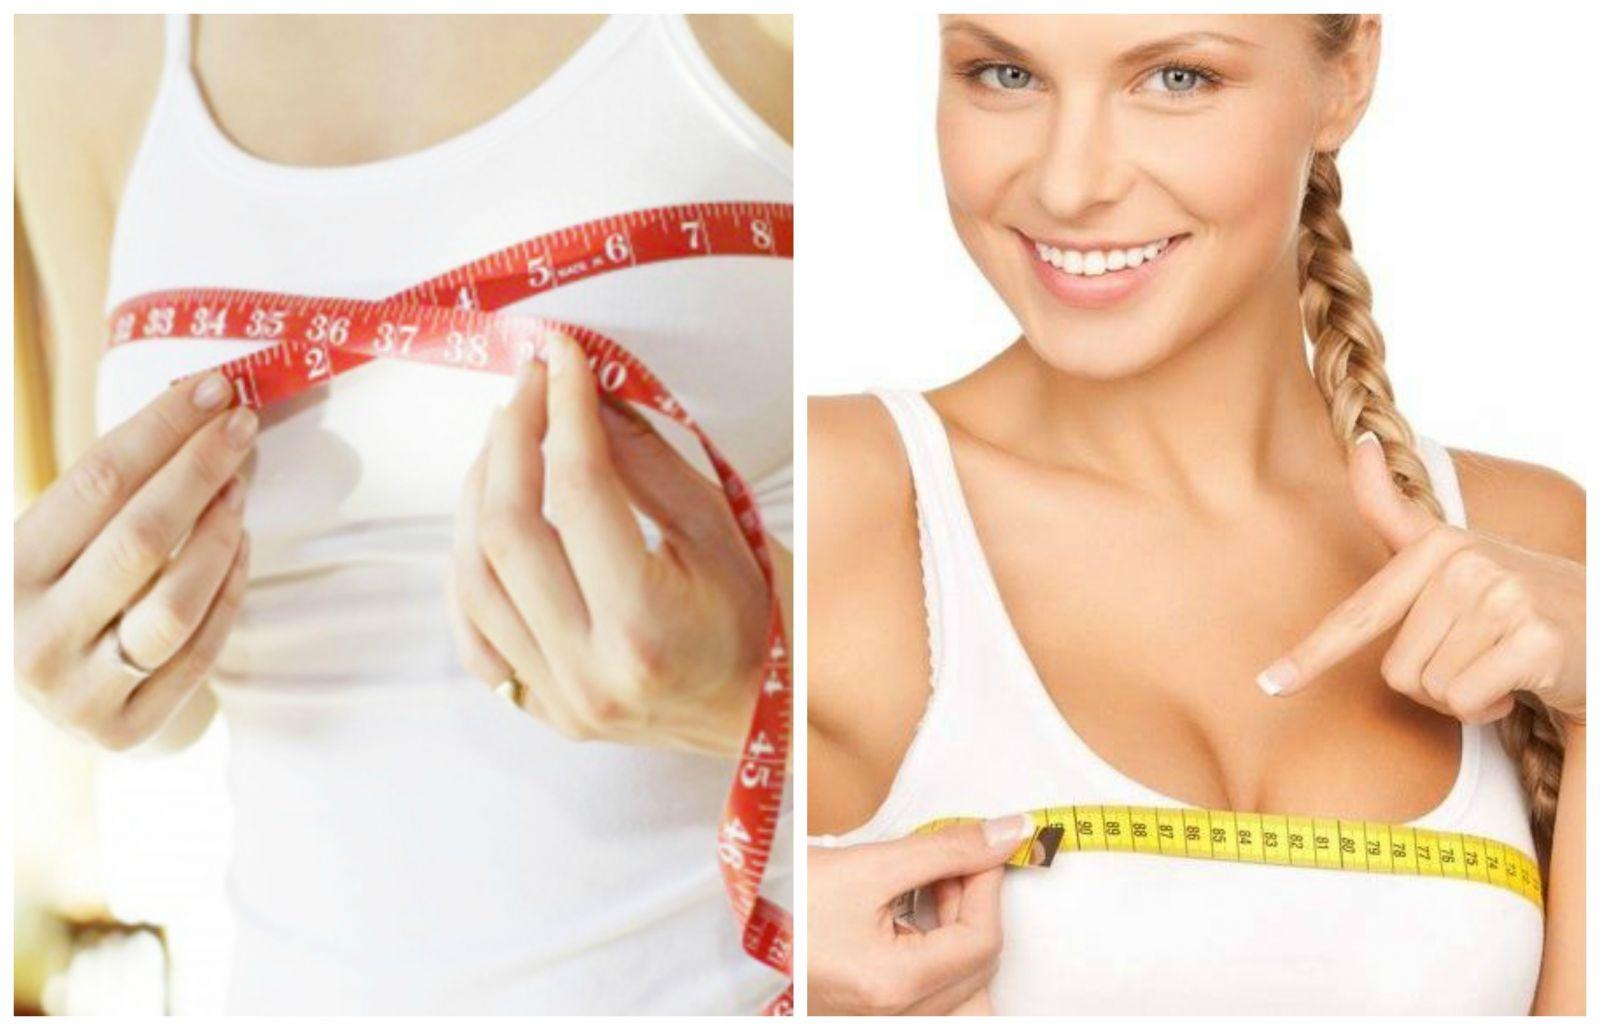 Những sản phẩm làm nở ngực an toàn, hiệu quả dành cho các nàng ngực lép